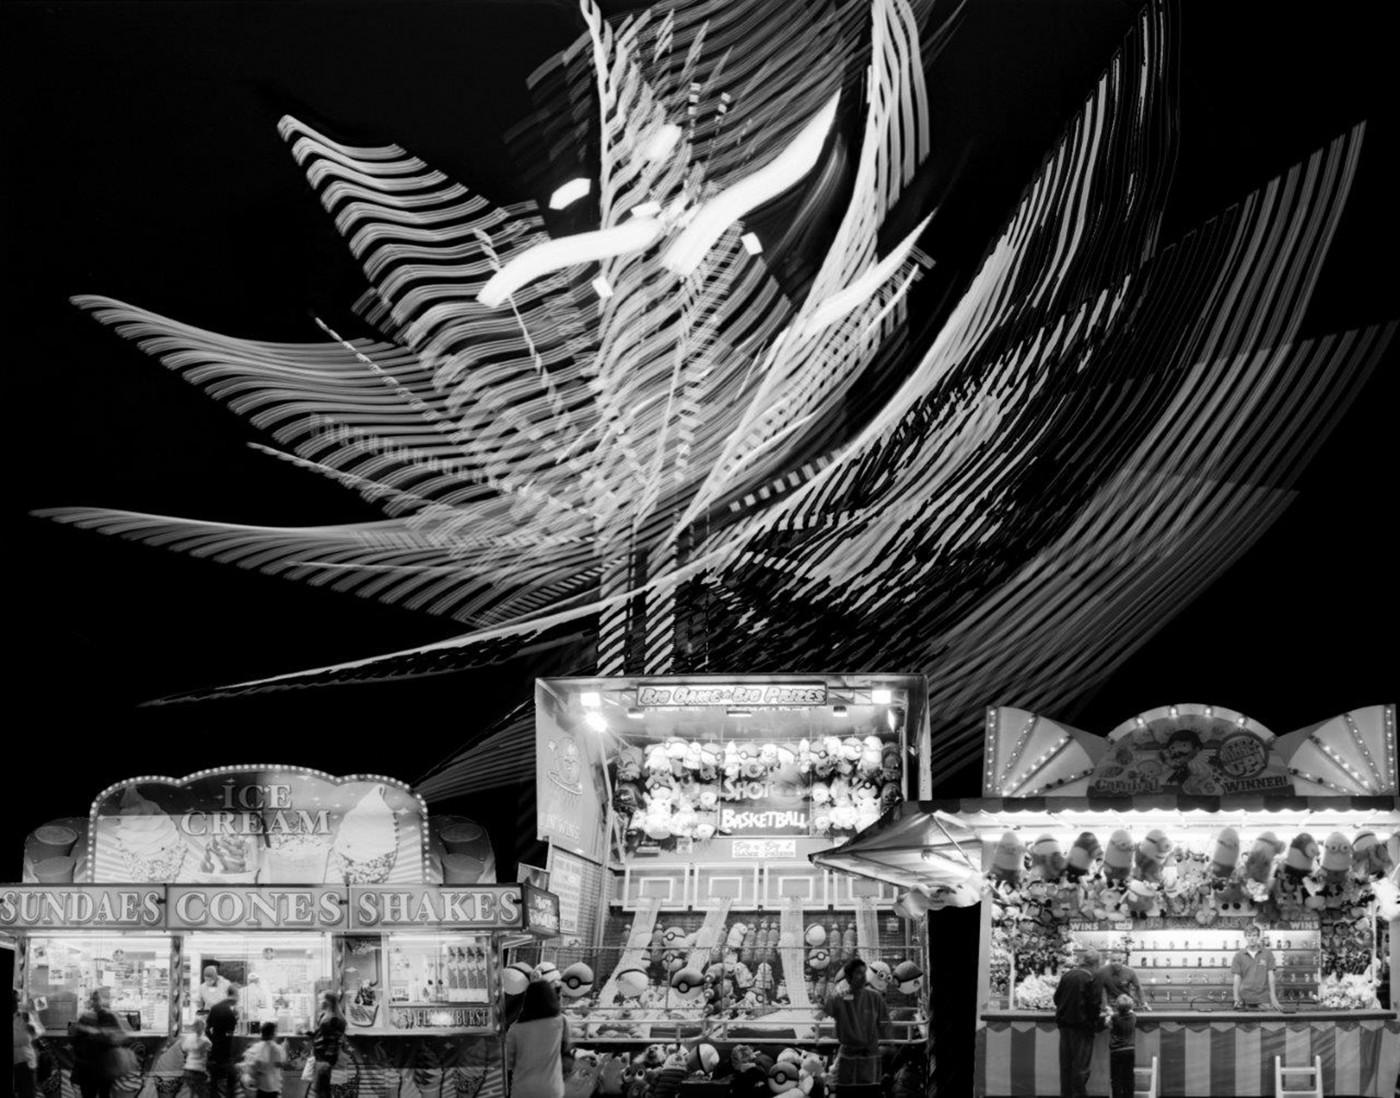 Simeon Posen, </span><span><em>153,000 Midway Lights</em>, </span><span>2015